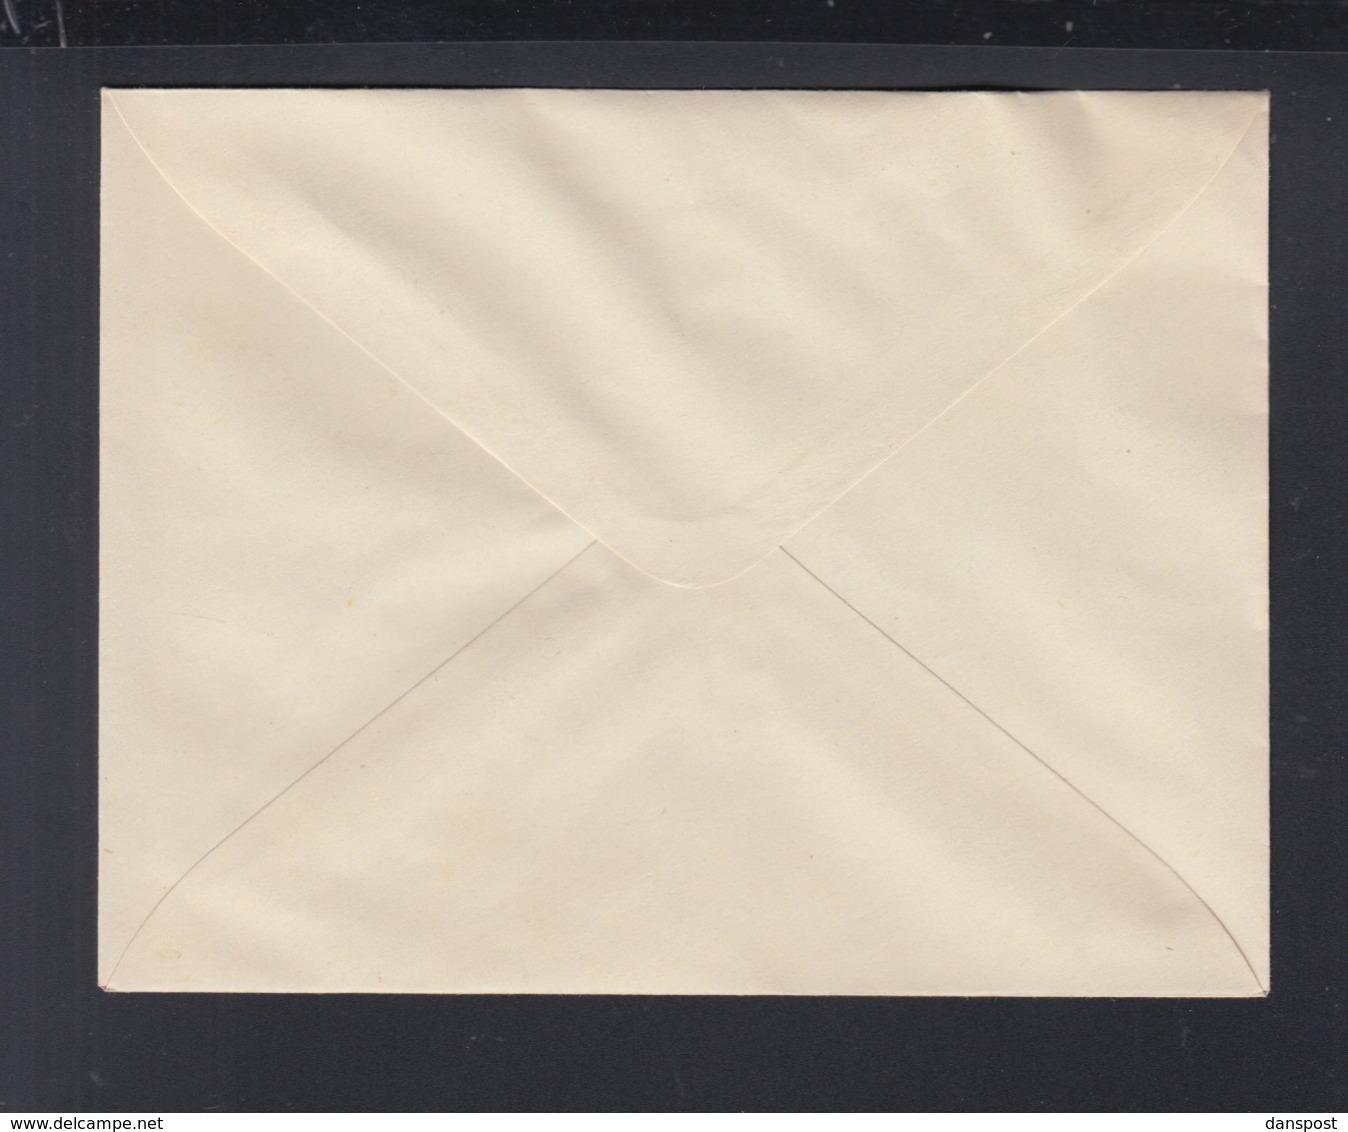 Frankreich France Umschlag 1 F Ungebraucht Klappe Festgeklebt - Ganzsachen